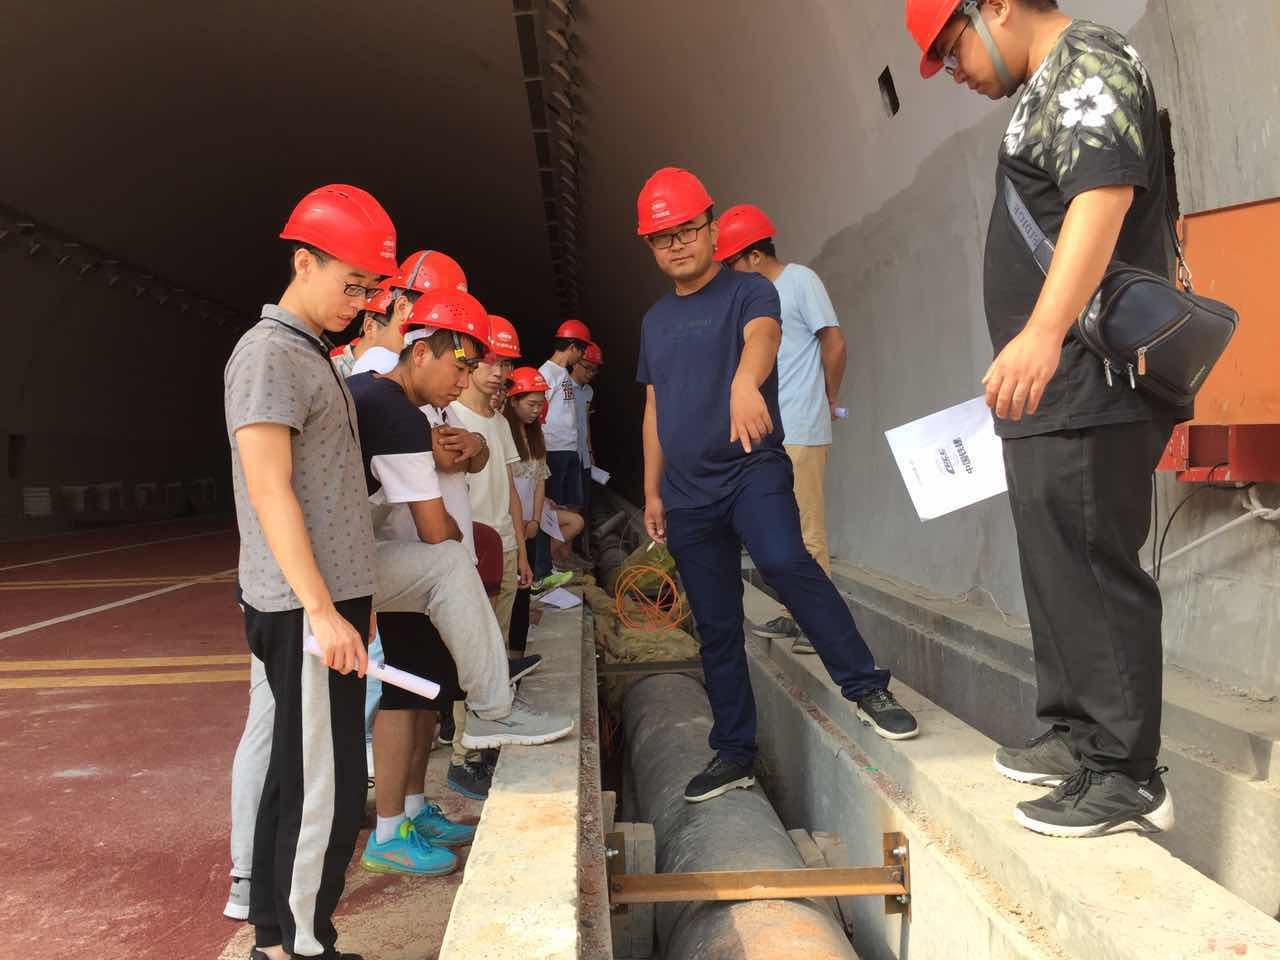 西北项目管理部组织新学员到施工现场参观学习